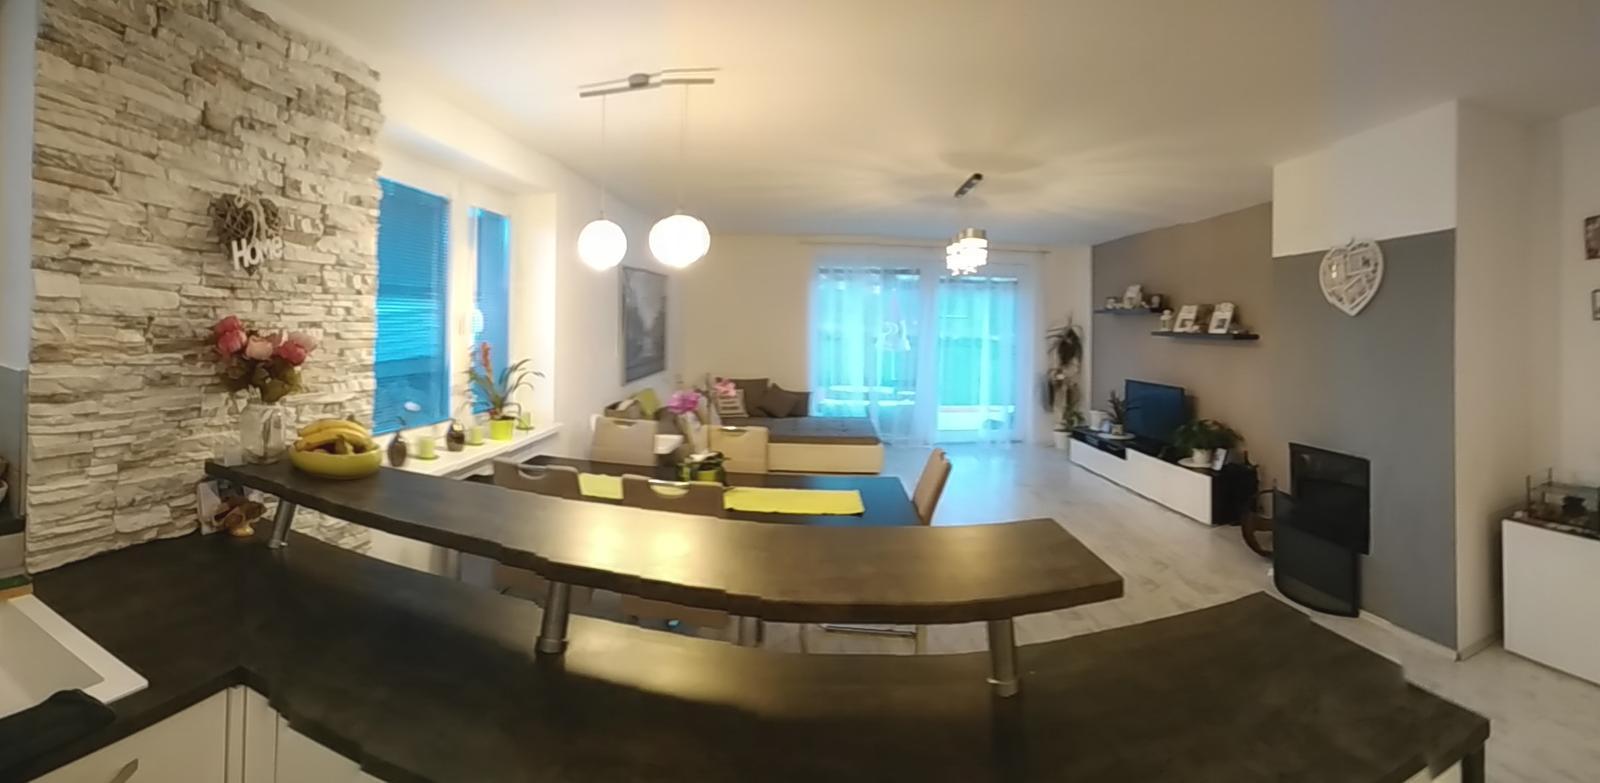 Home - Trošku sme pomenili obývačku